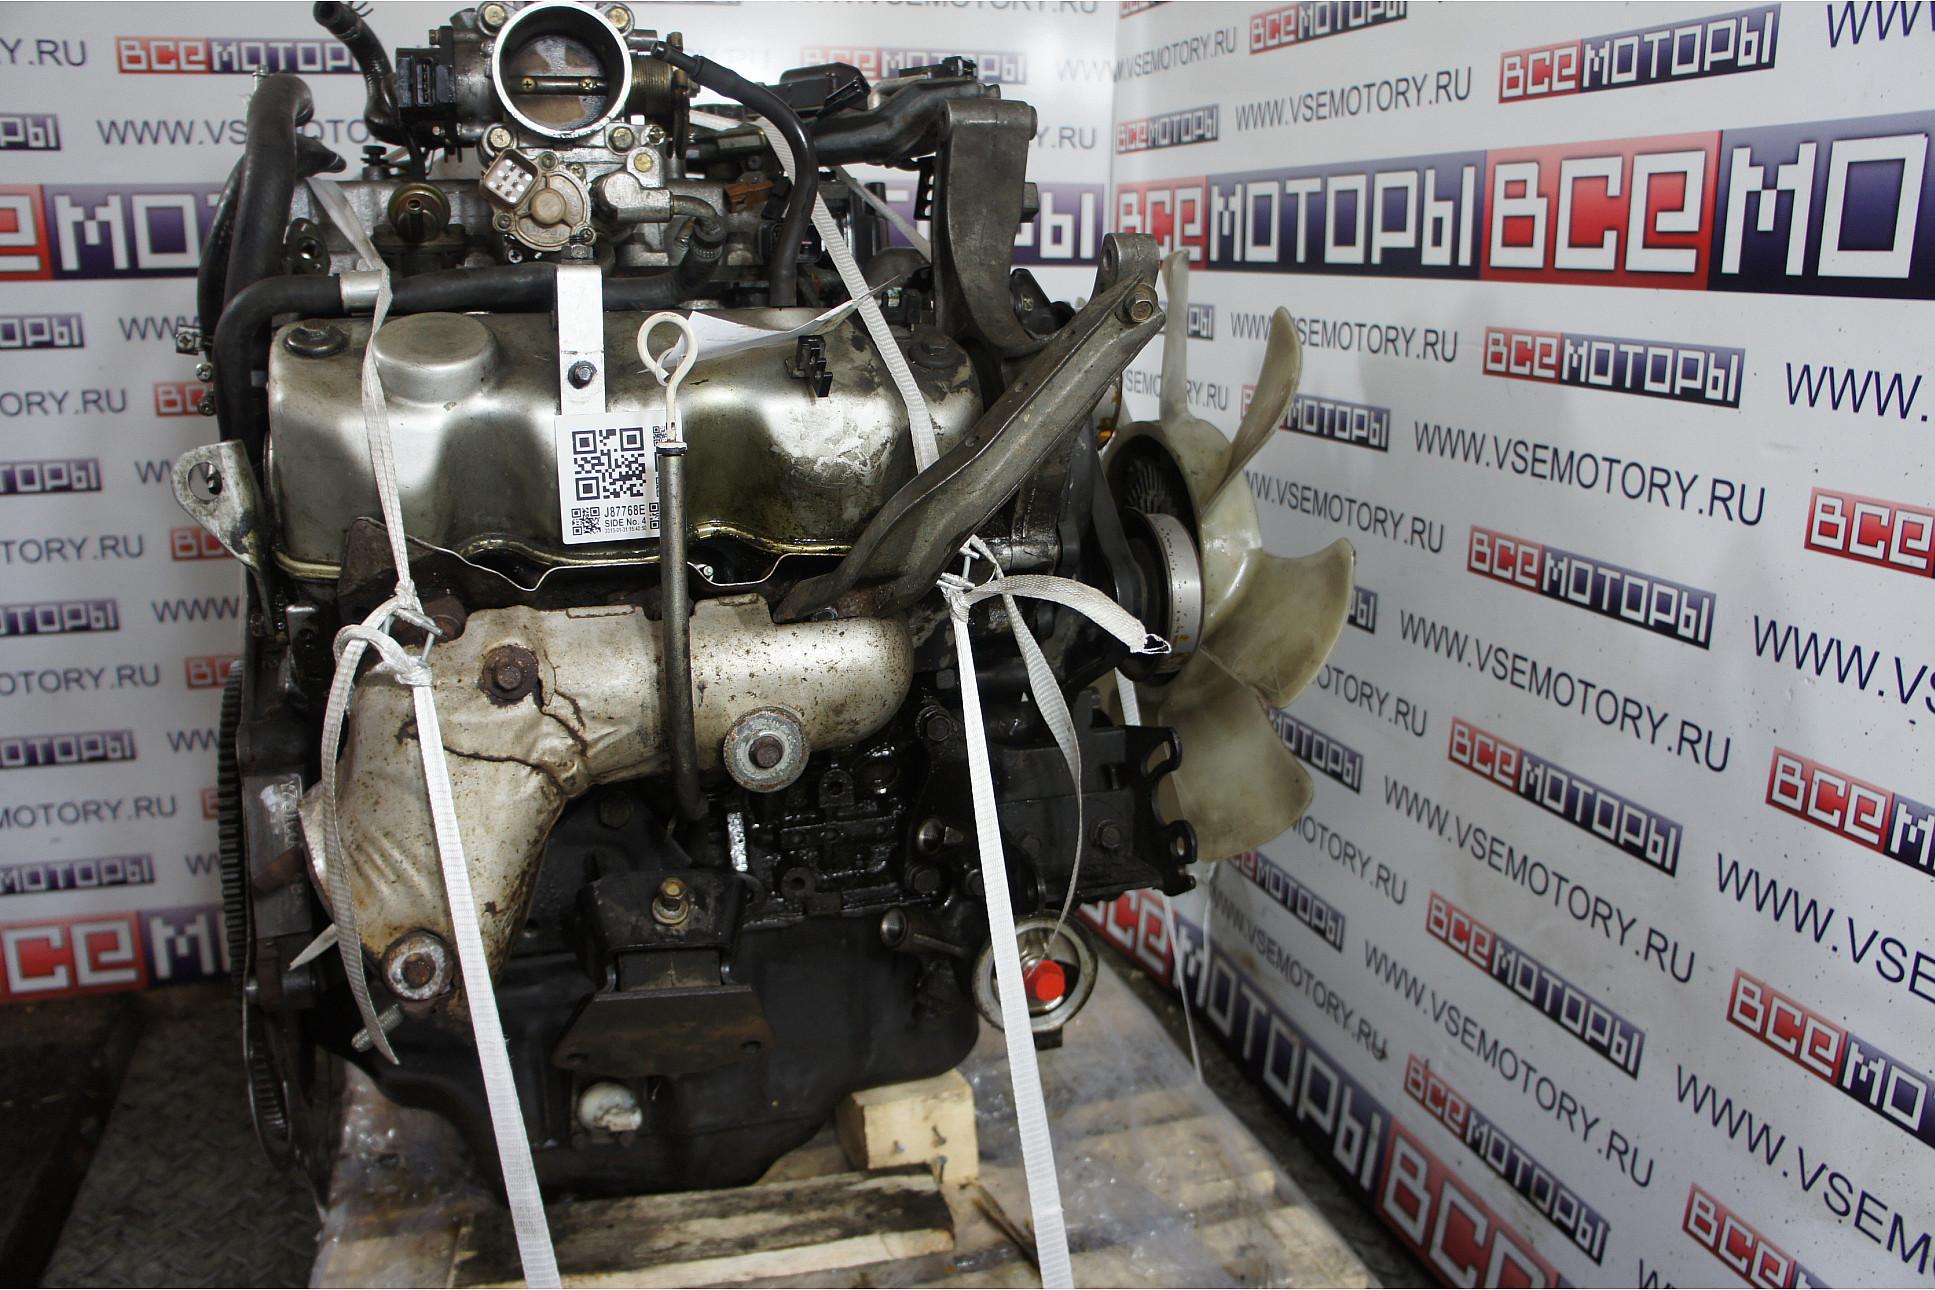 ремонт двигателя 4м40 скачать бесплатно